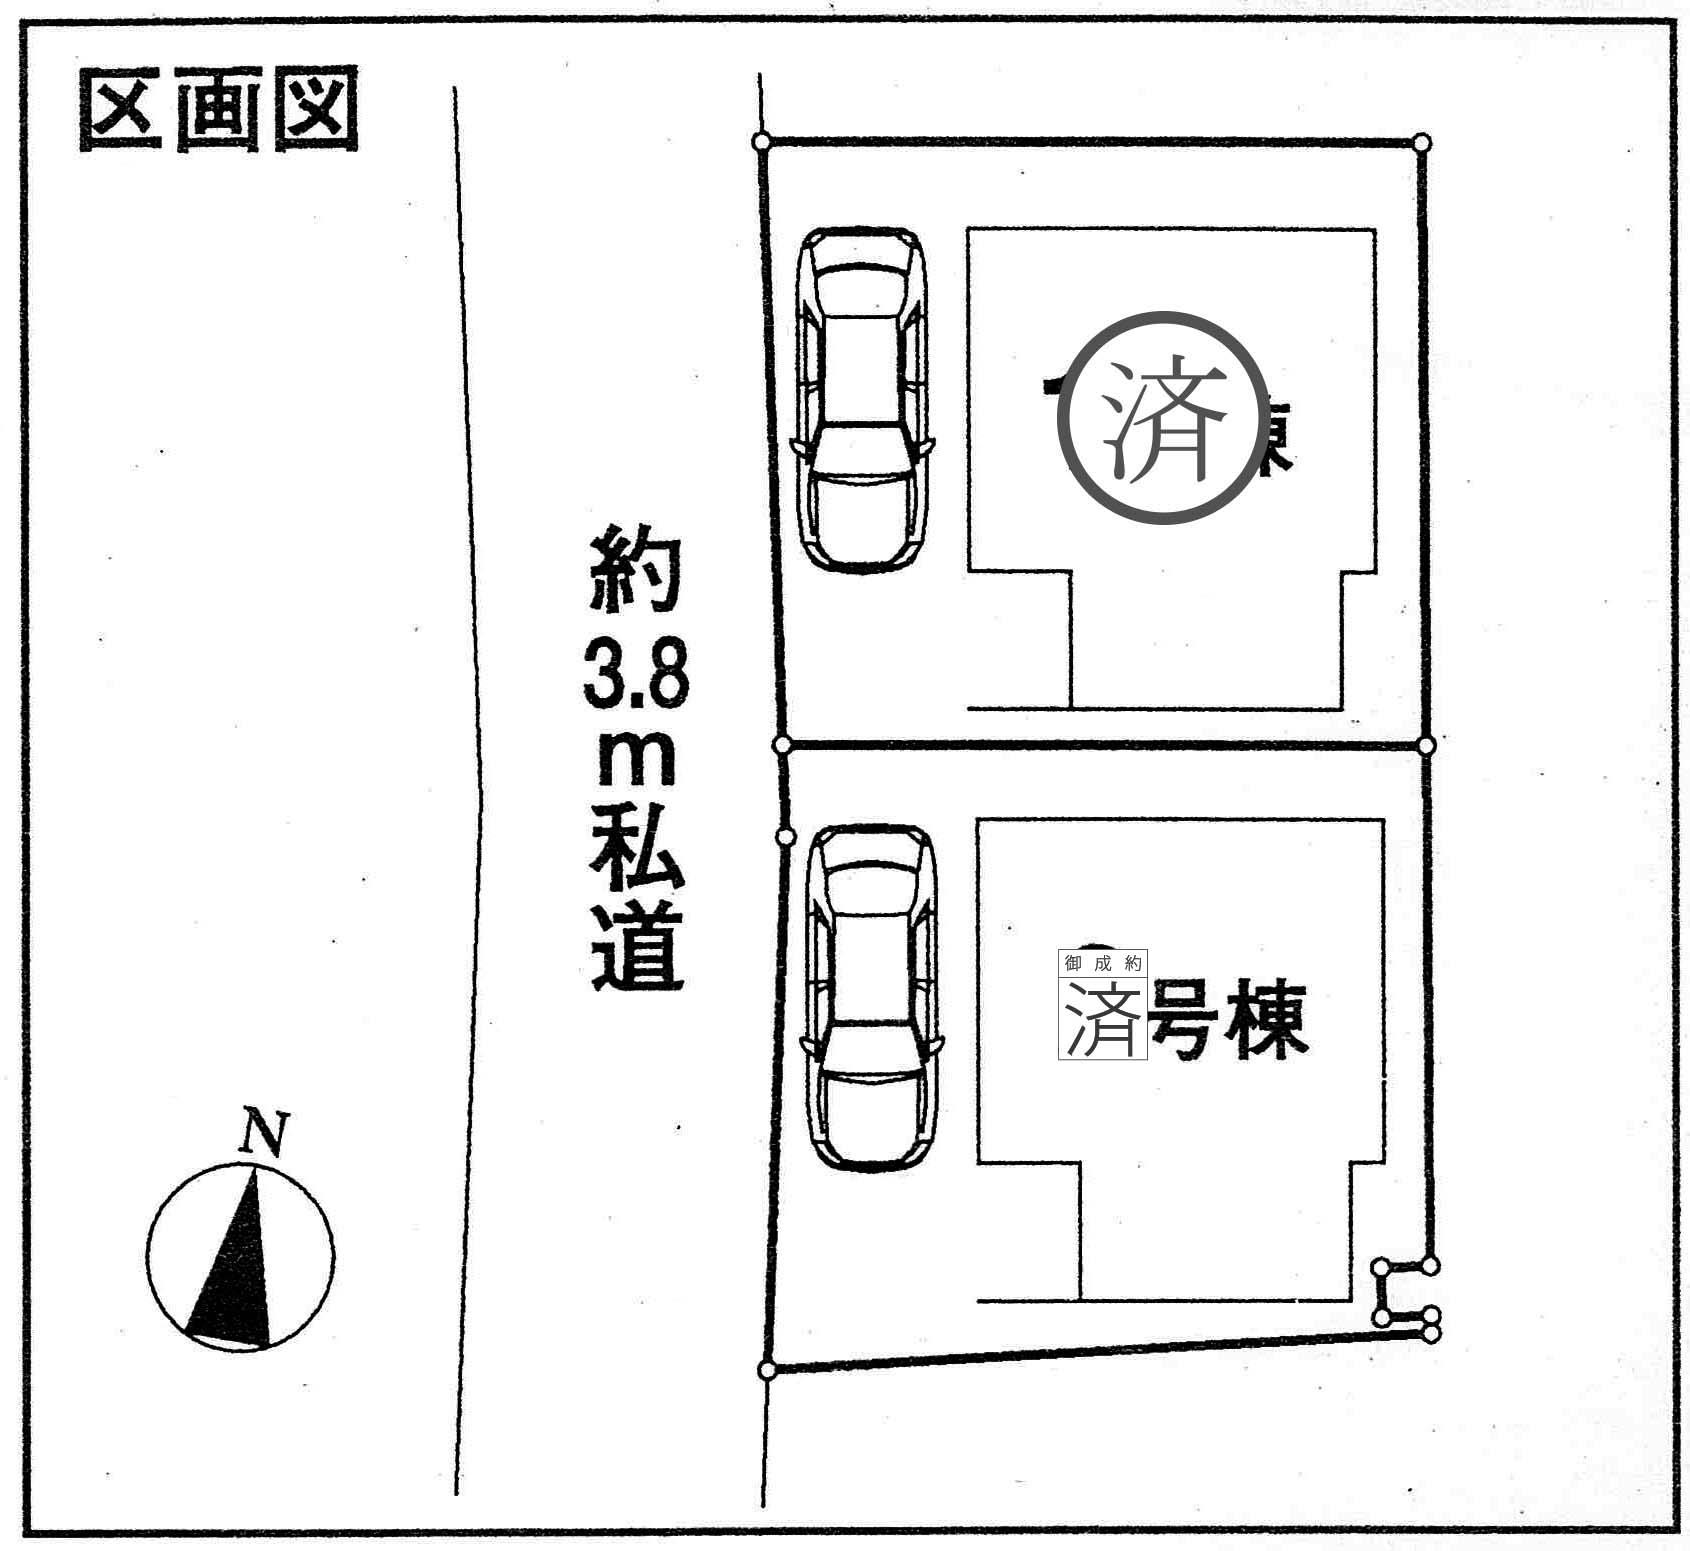 足立区、葛飾区、江戸川区の不動産物件をお探しなら、ぜひ門井不動産(株)にご相談ください。